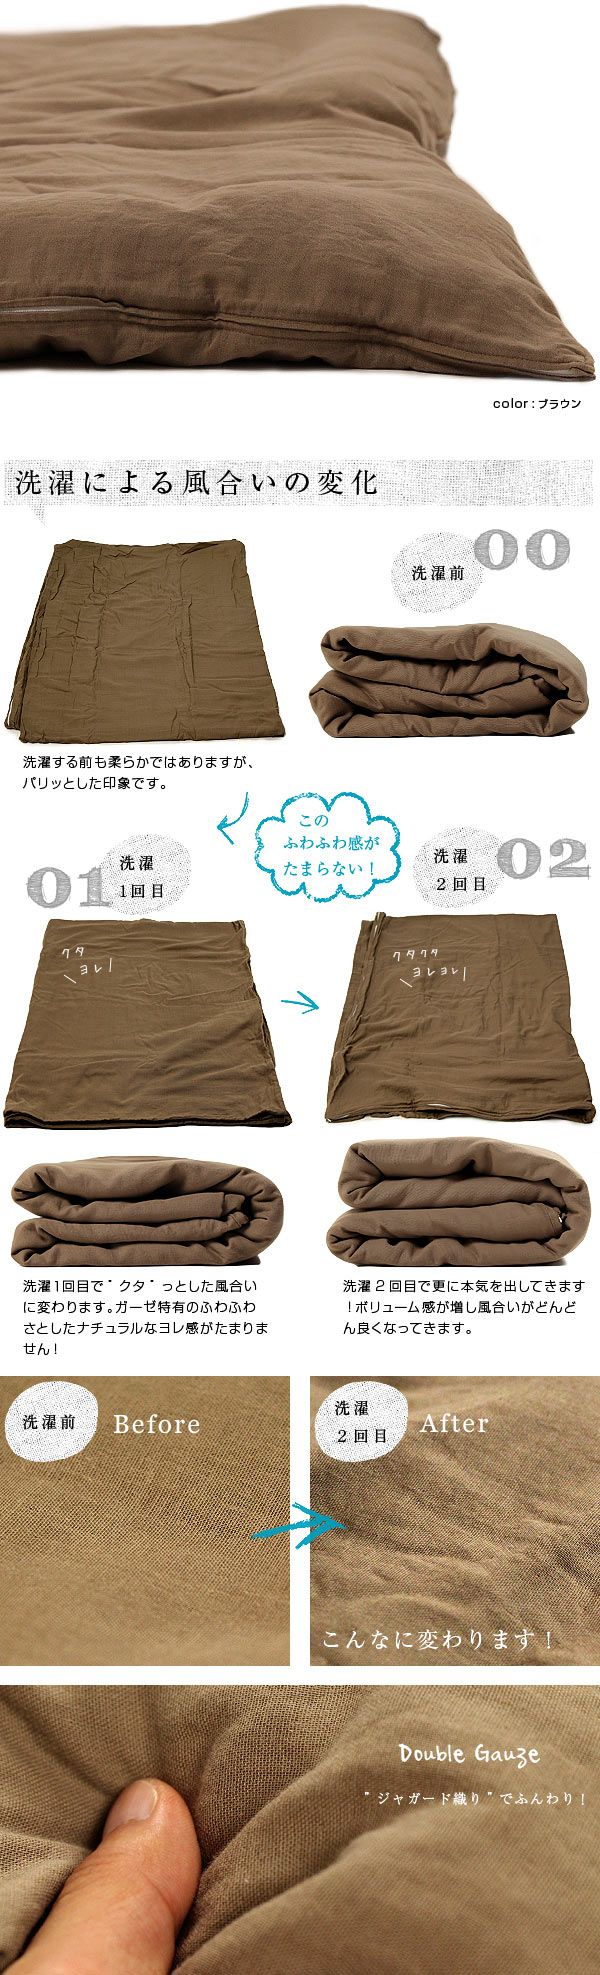 【オーダー対応】ふわっと柔らかだけど丈夫!綿100%ダブルガーゼ掛け布団カバー(2重ガーゼ)